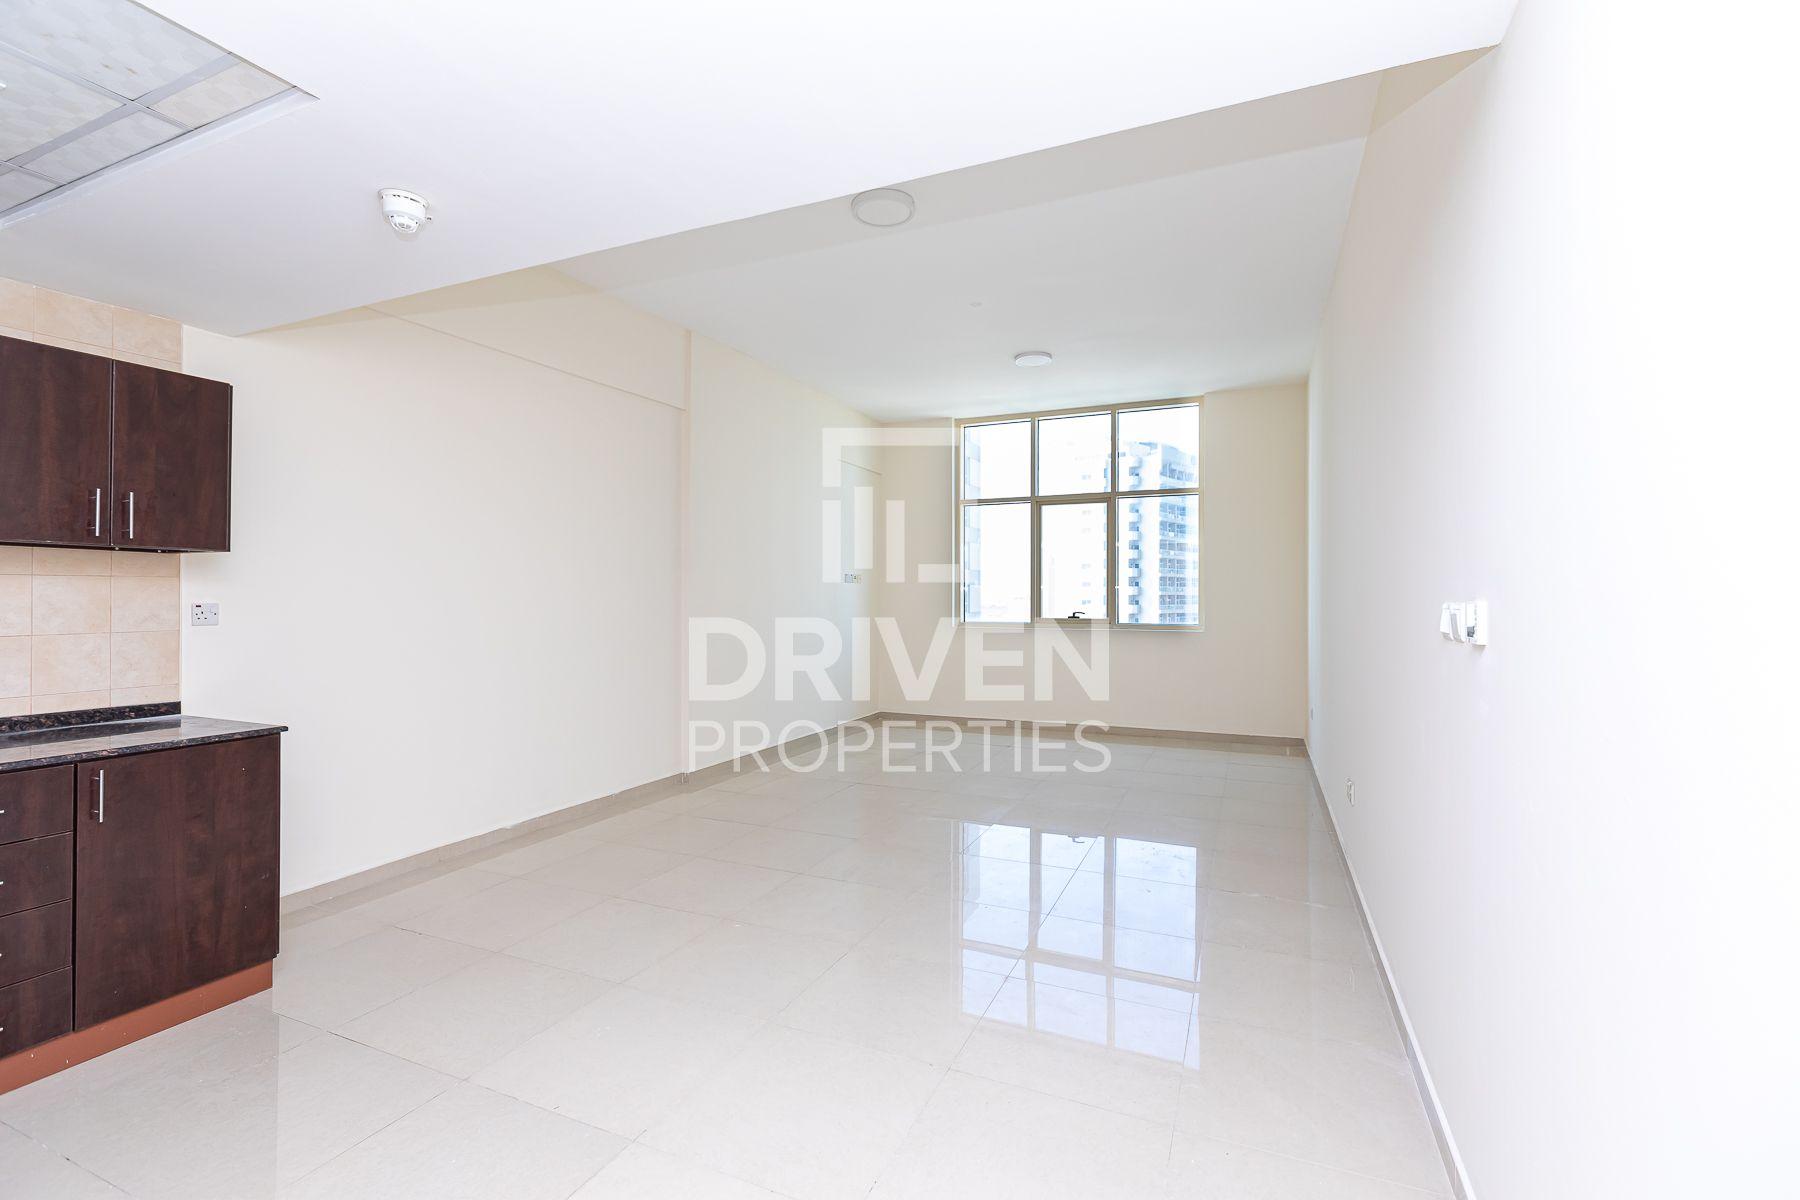 529 قدم مربع  ستوديو - للايجار - مدينة دبي الرياضية